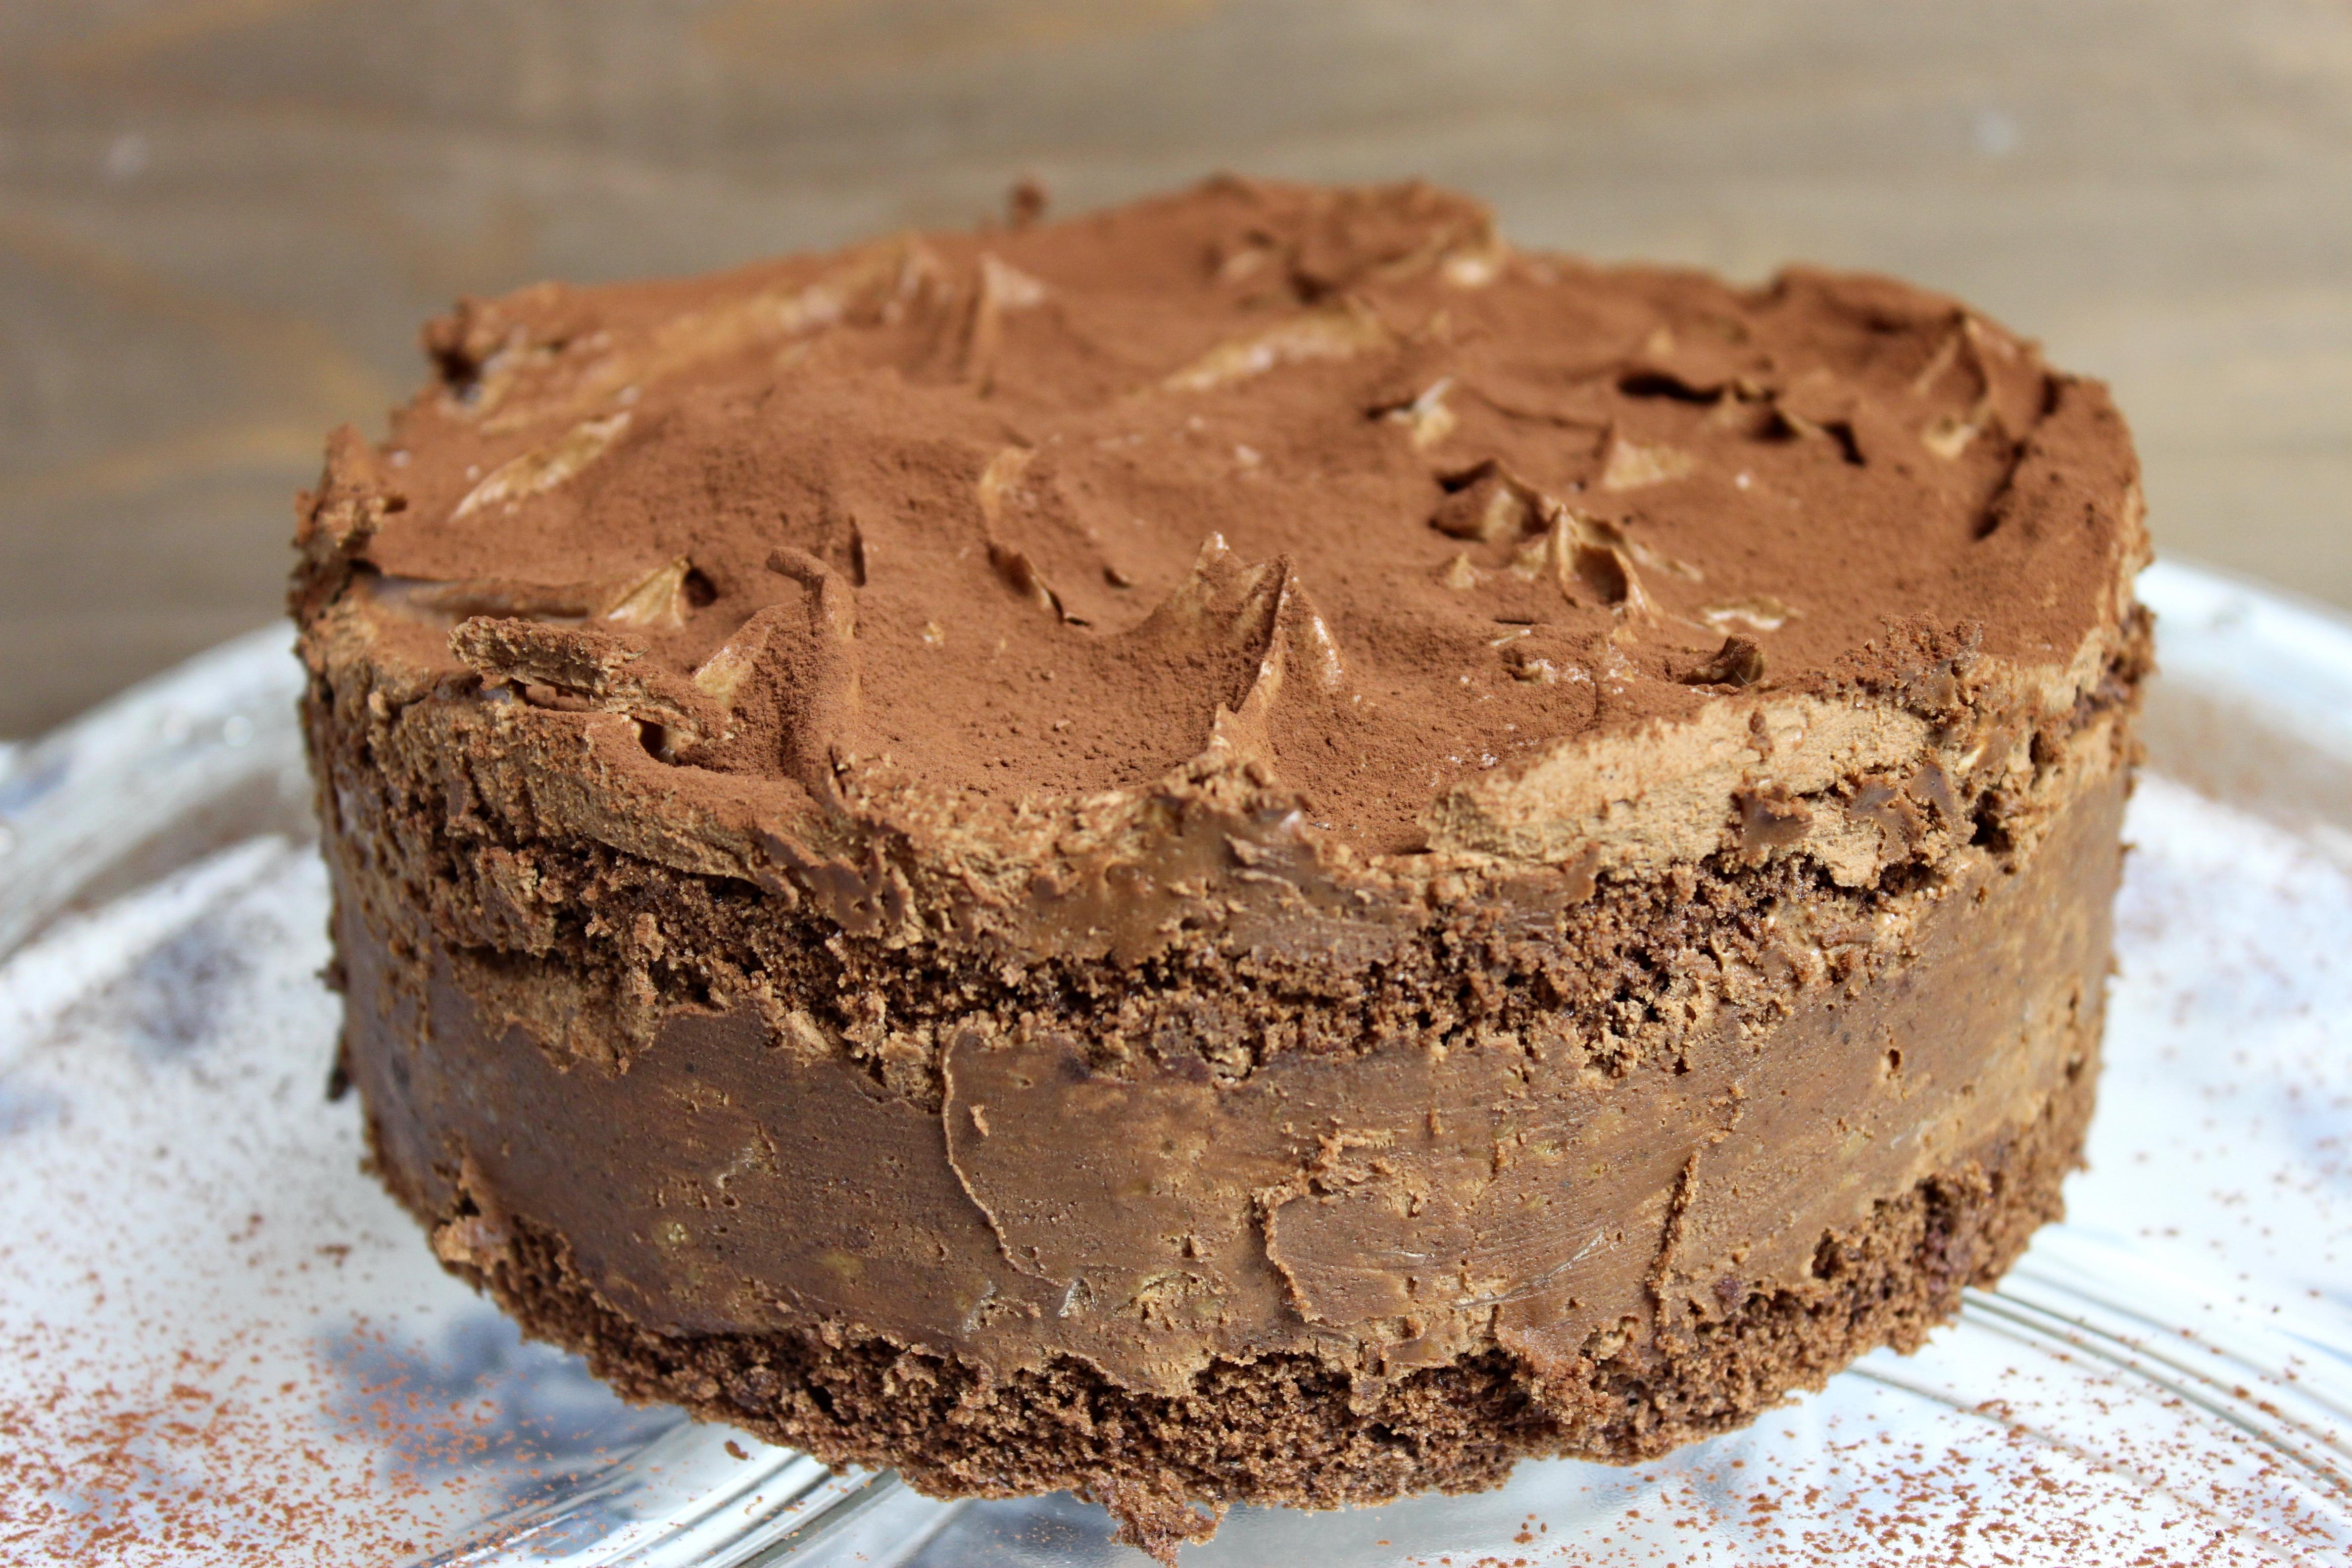 Tortenrezepte, torten rezepte, mit Bild, Torten backen, Torte selber backen, ohne Fondant, mit Fondant, Motivtorten